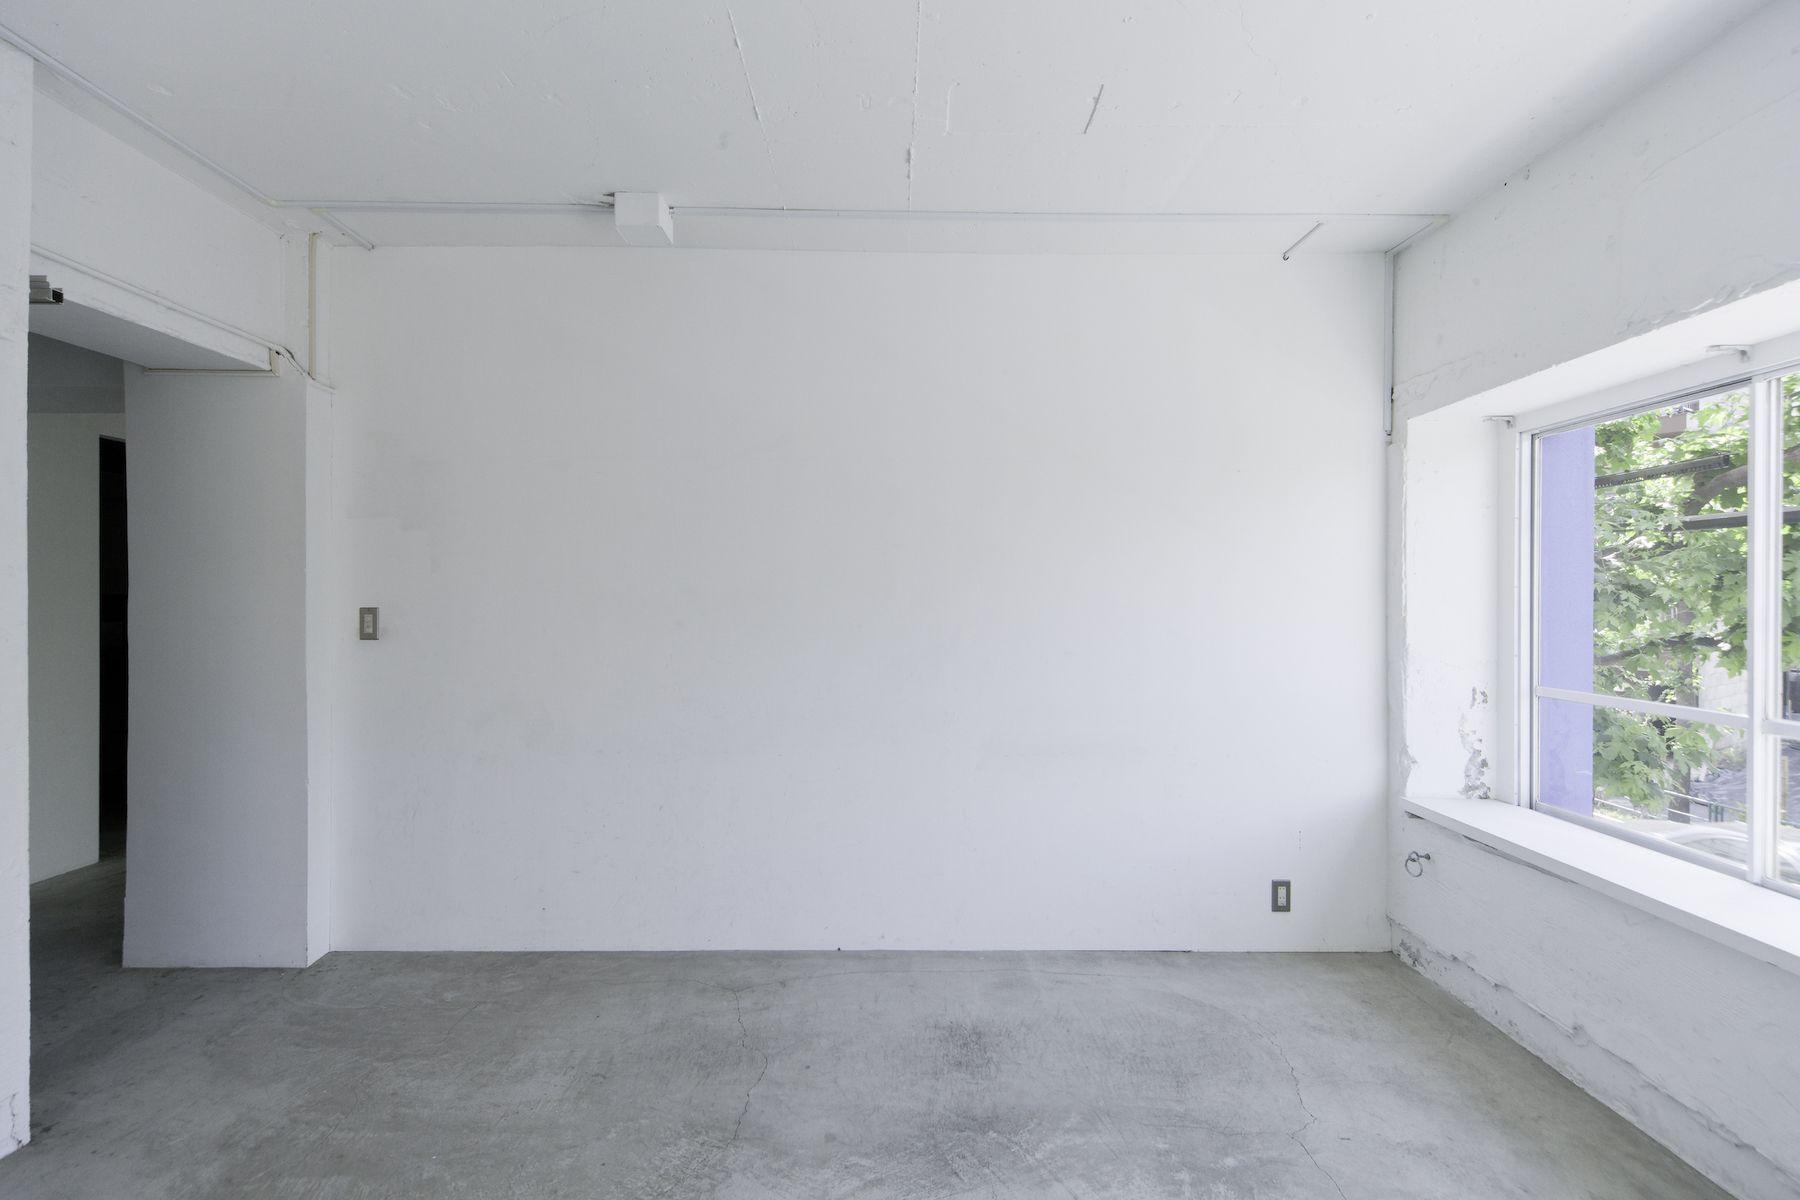 LEERES STUDIO (リアレススタジオ)小部屋 白い壁/2F